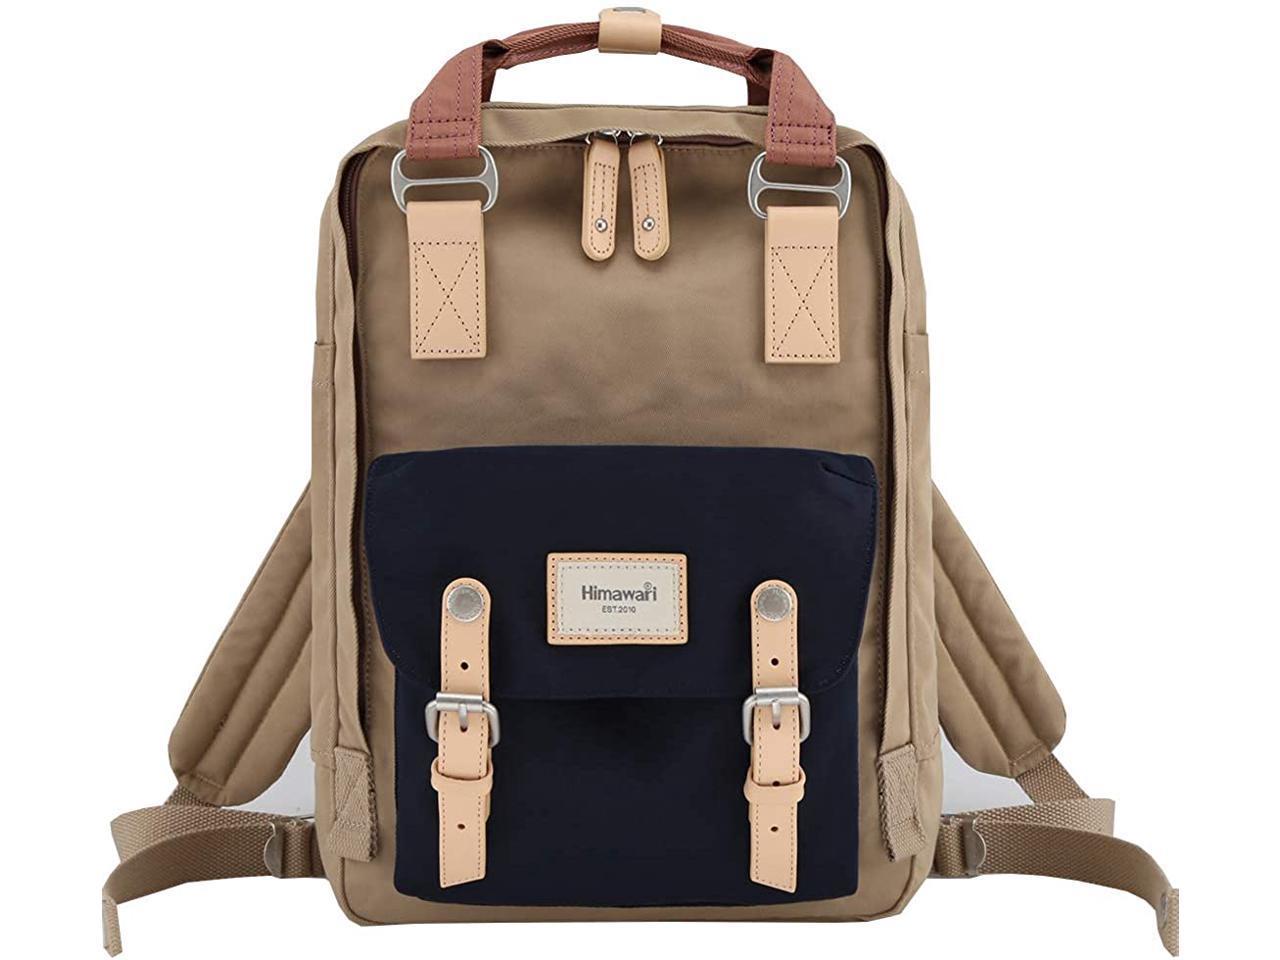 Himawari Travel Backpack Laptop Backpack Large Diaper Bag